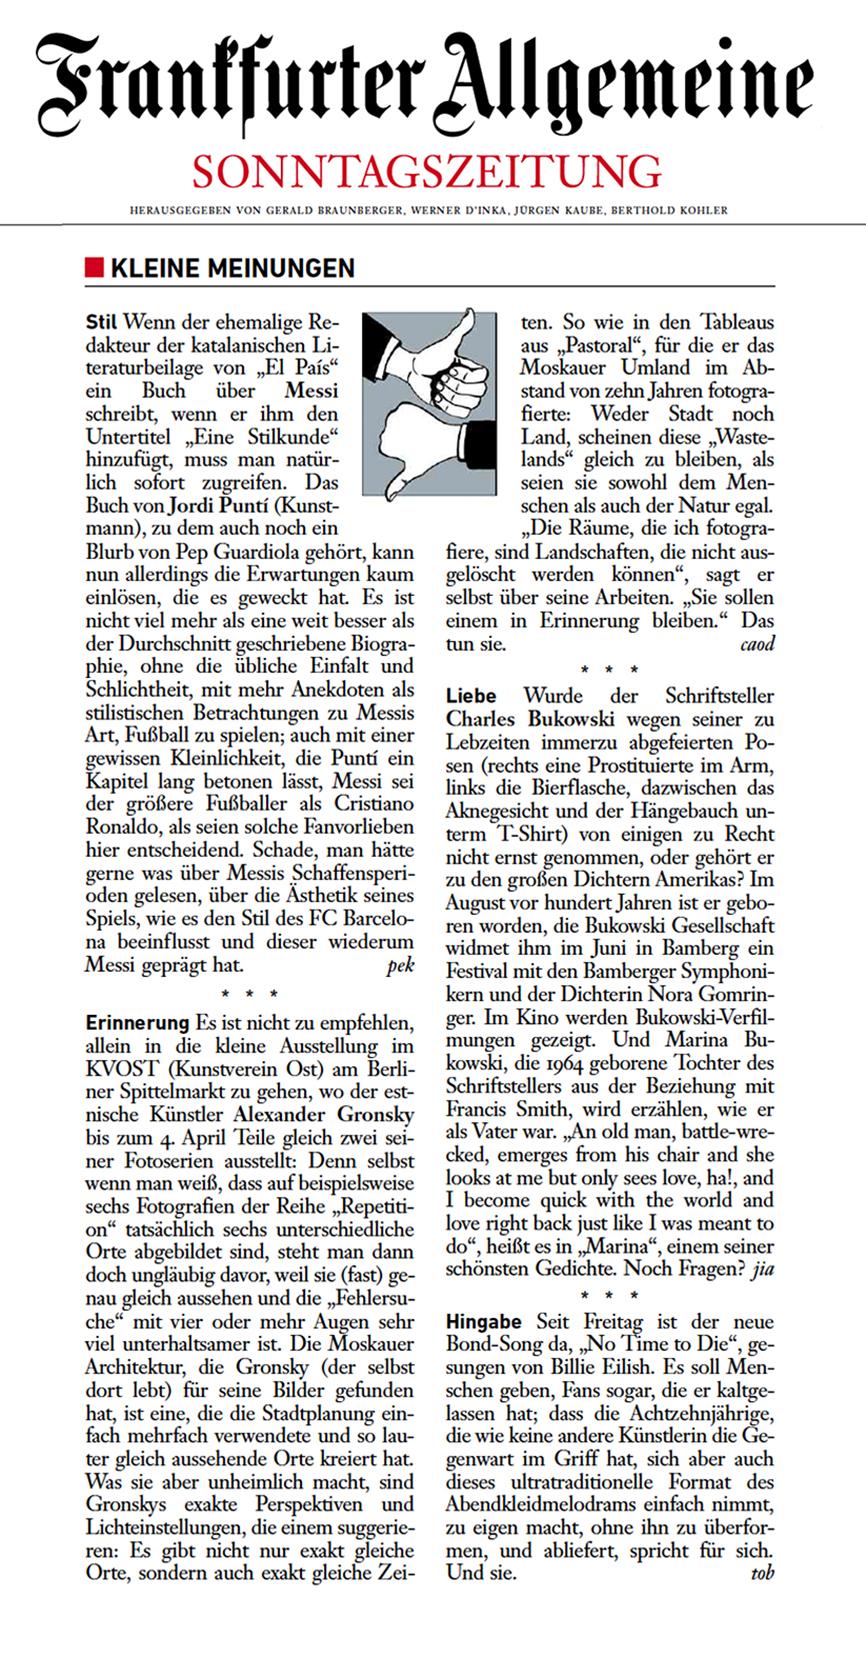 Frankfurter Allgemeine Sonntagszeitung  / Feuilleton